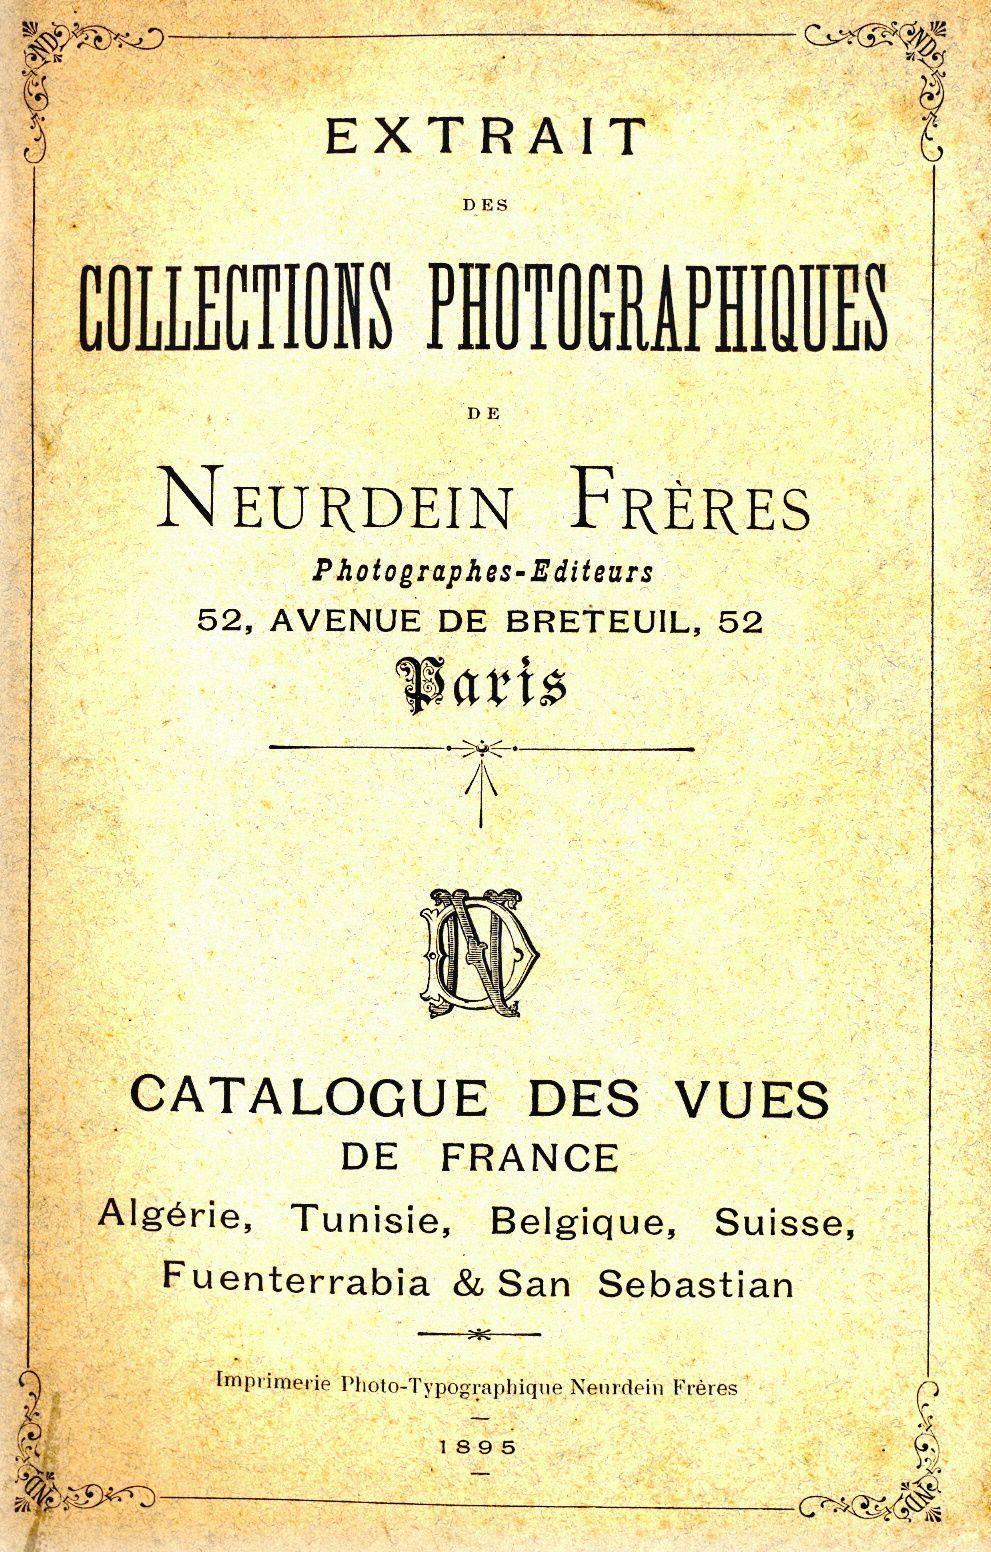 Le catalogue de 1895